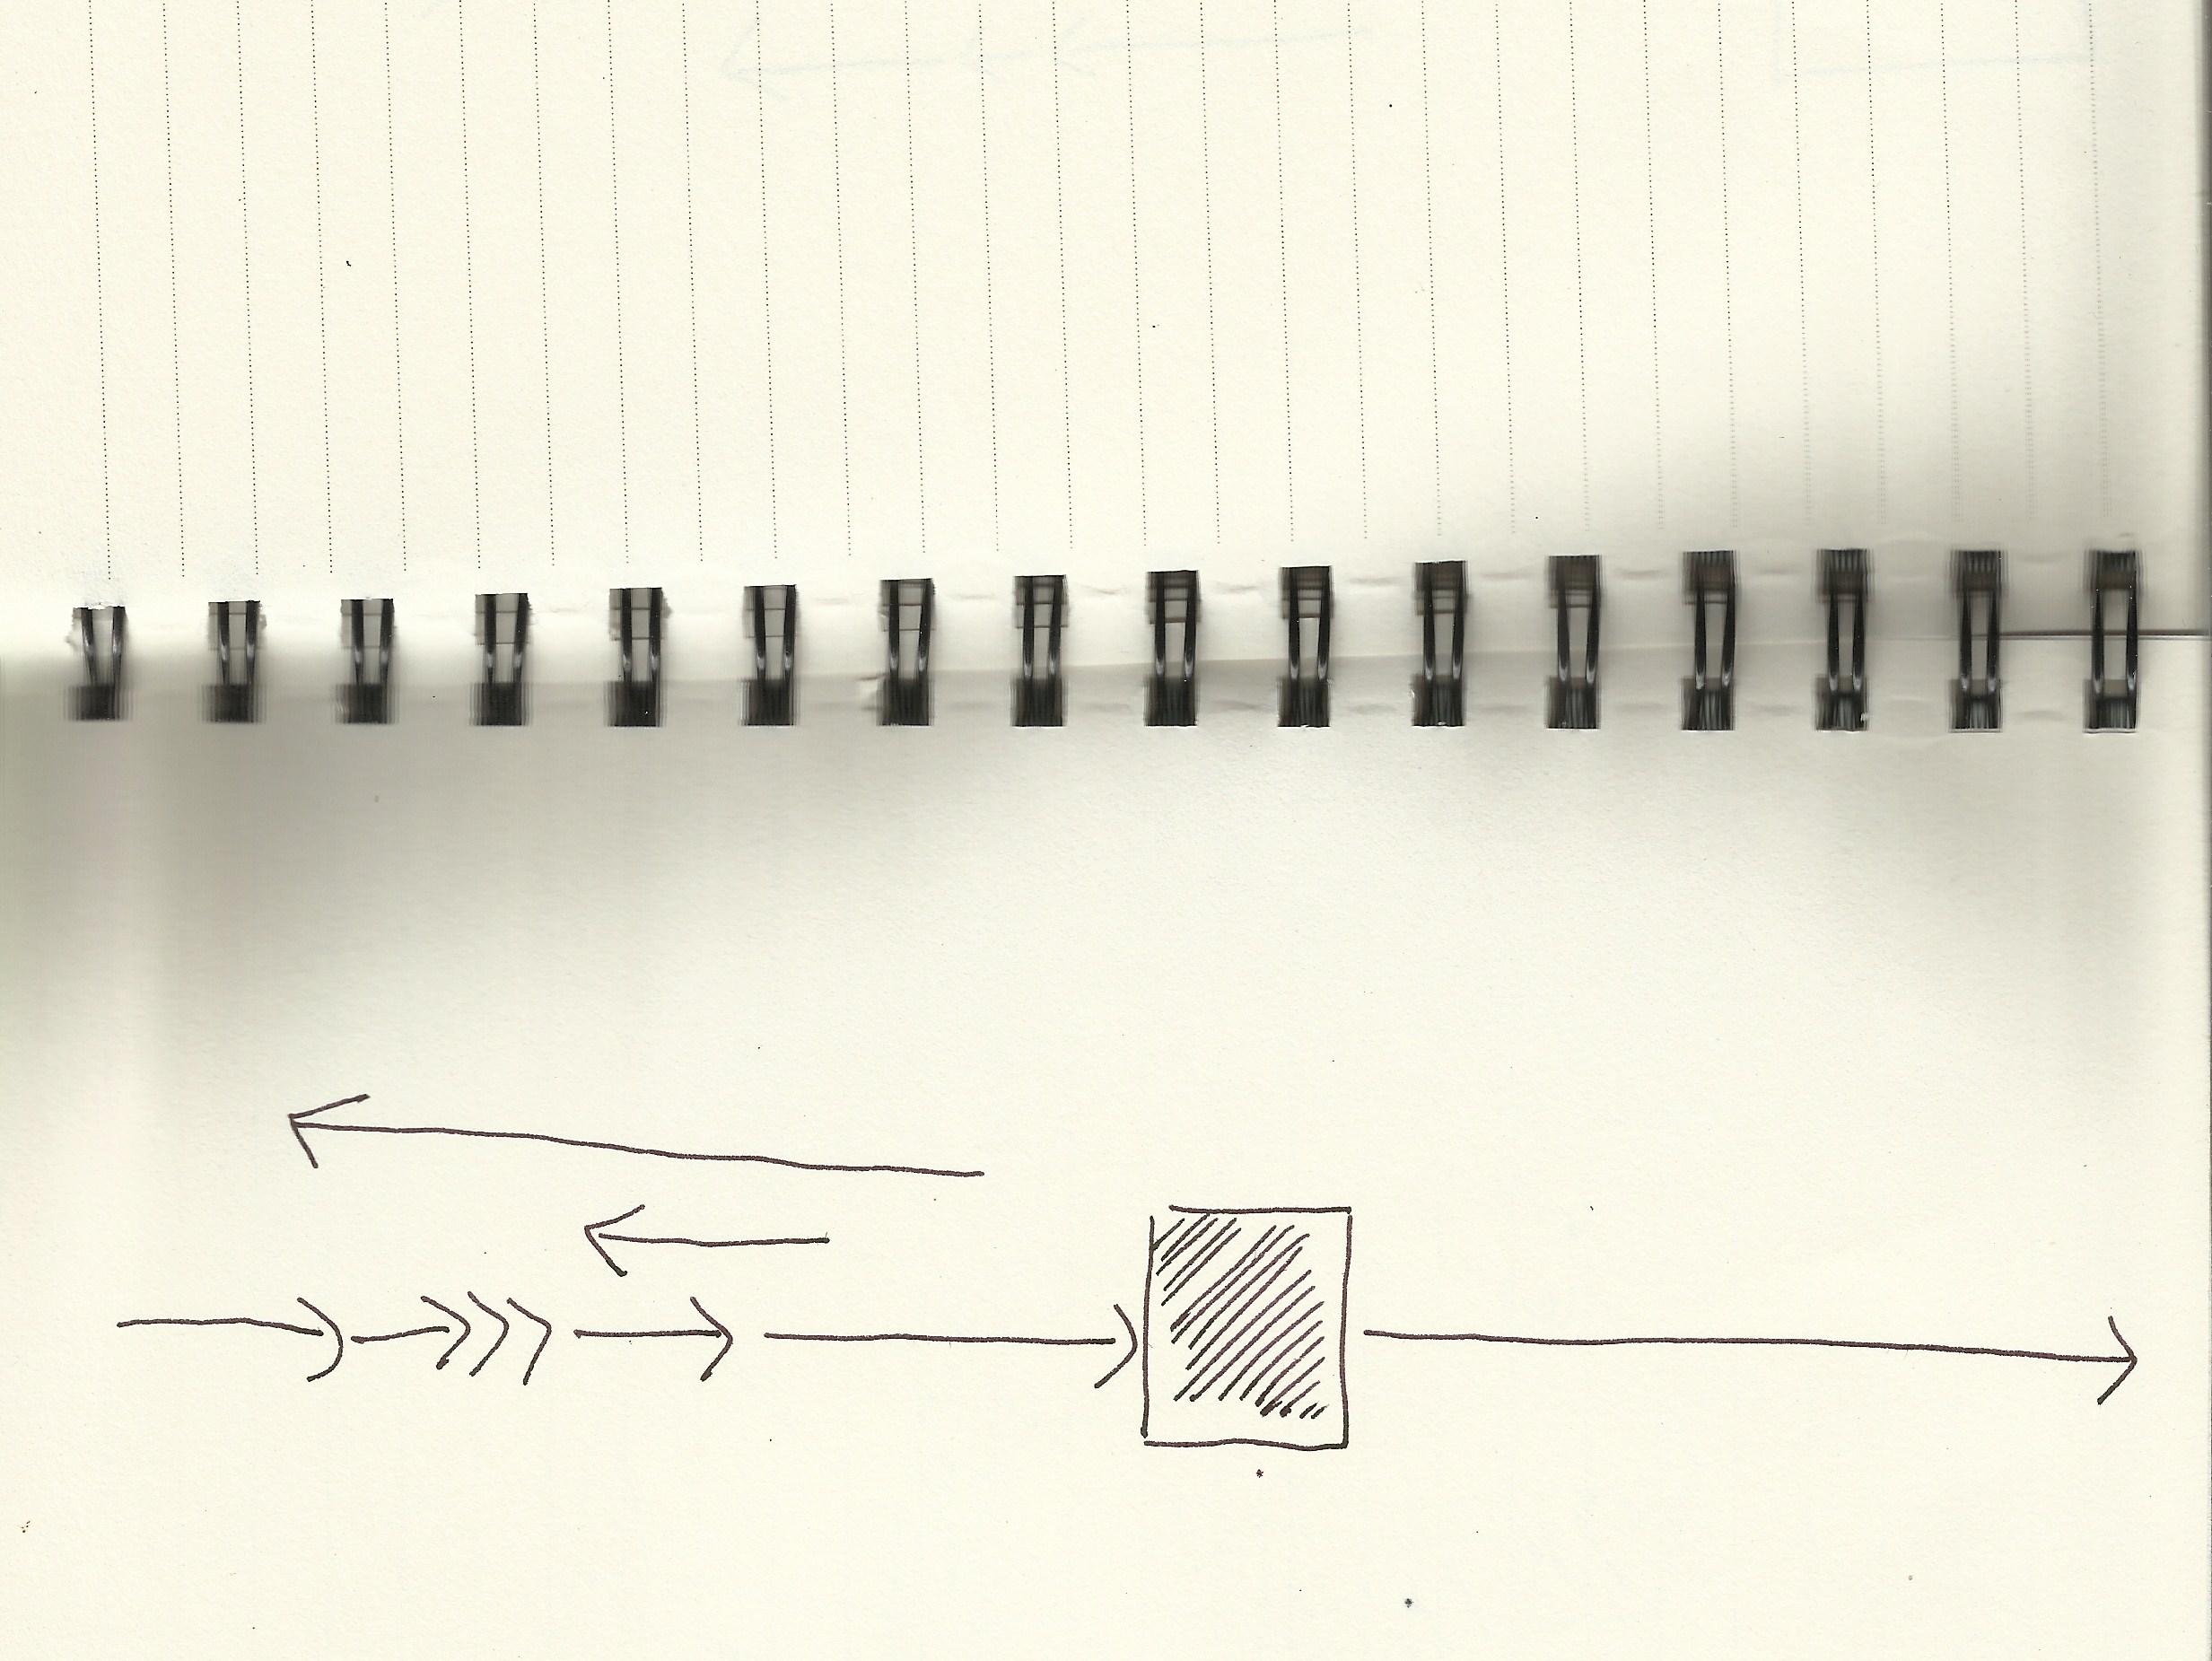 Blatt 4 Die Zeit vergeht und vergeht auch nicht (c) Mindmap von Susanne Haun